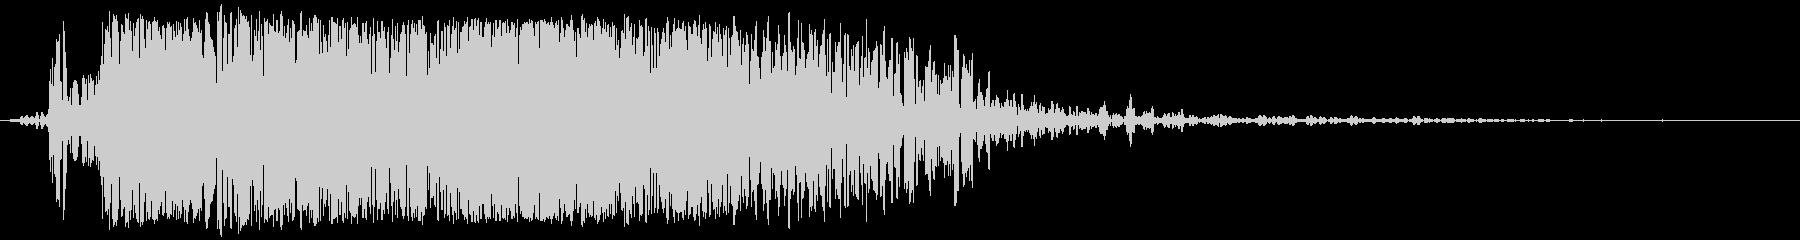 クラッシュメタルリップ、フォリーの未再生の波形